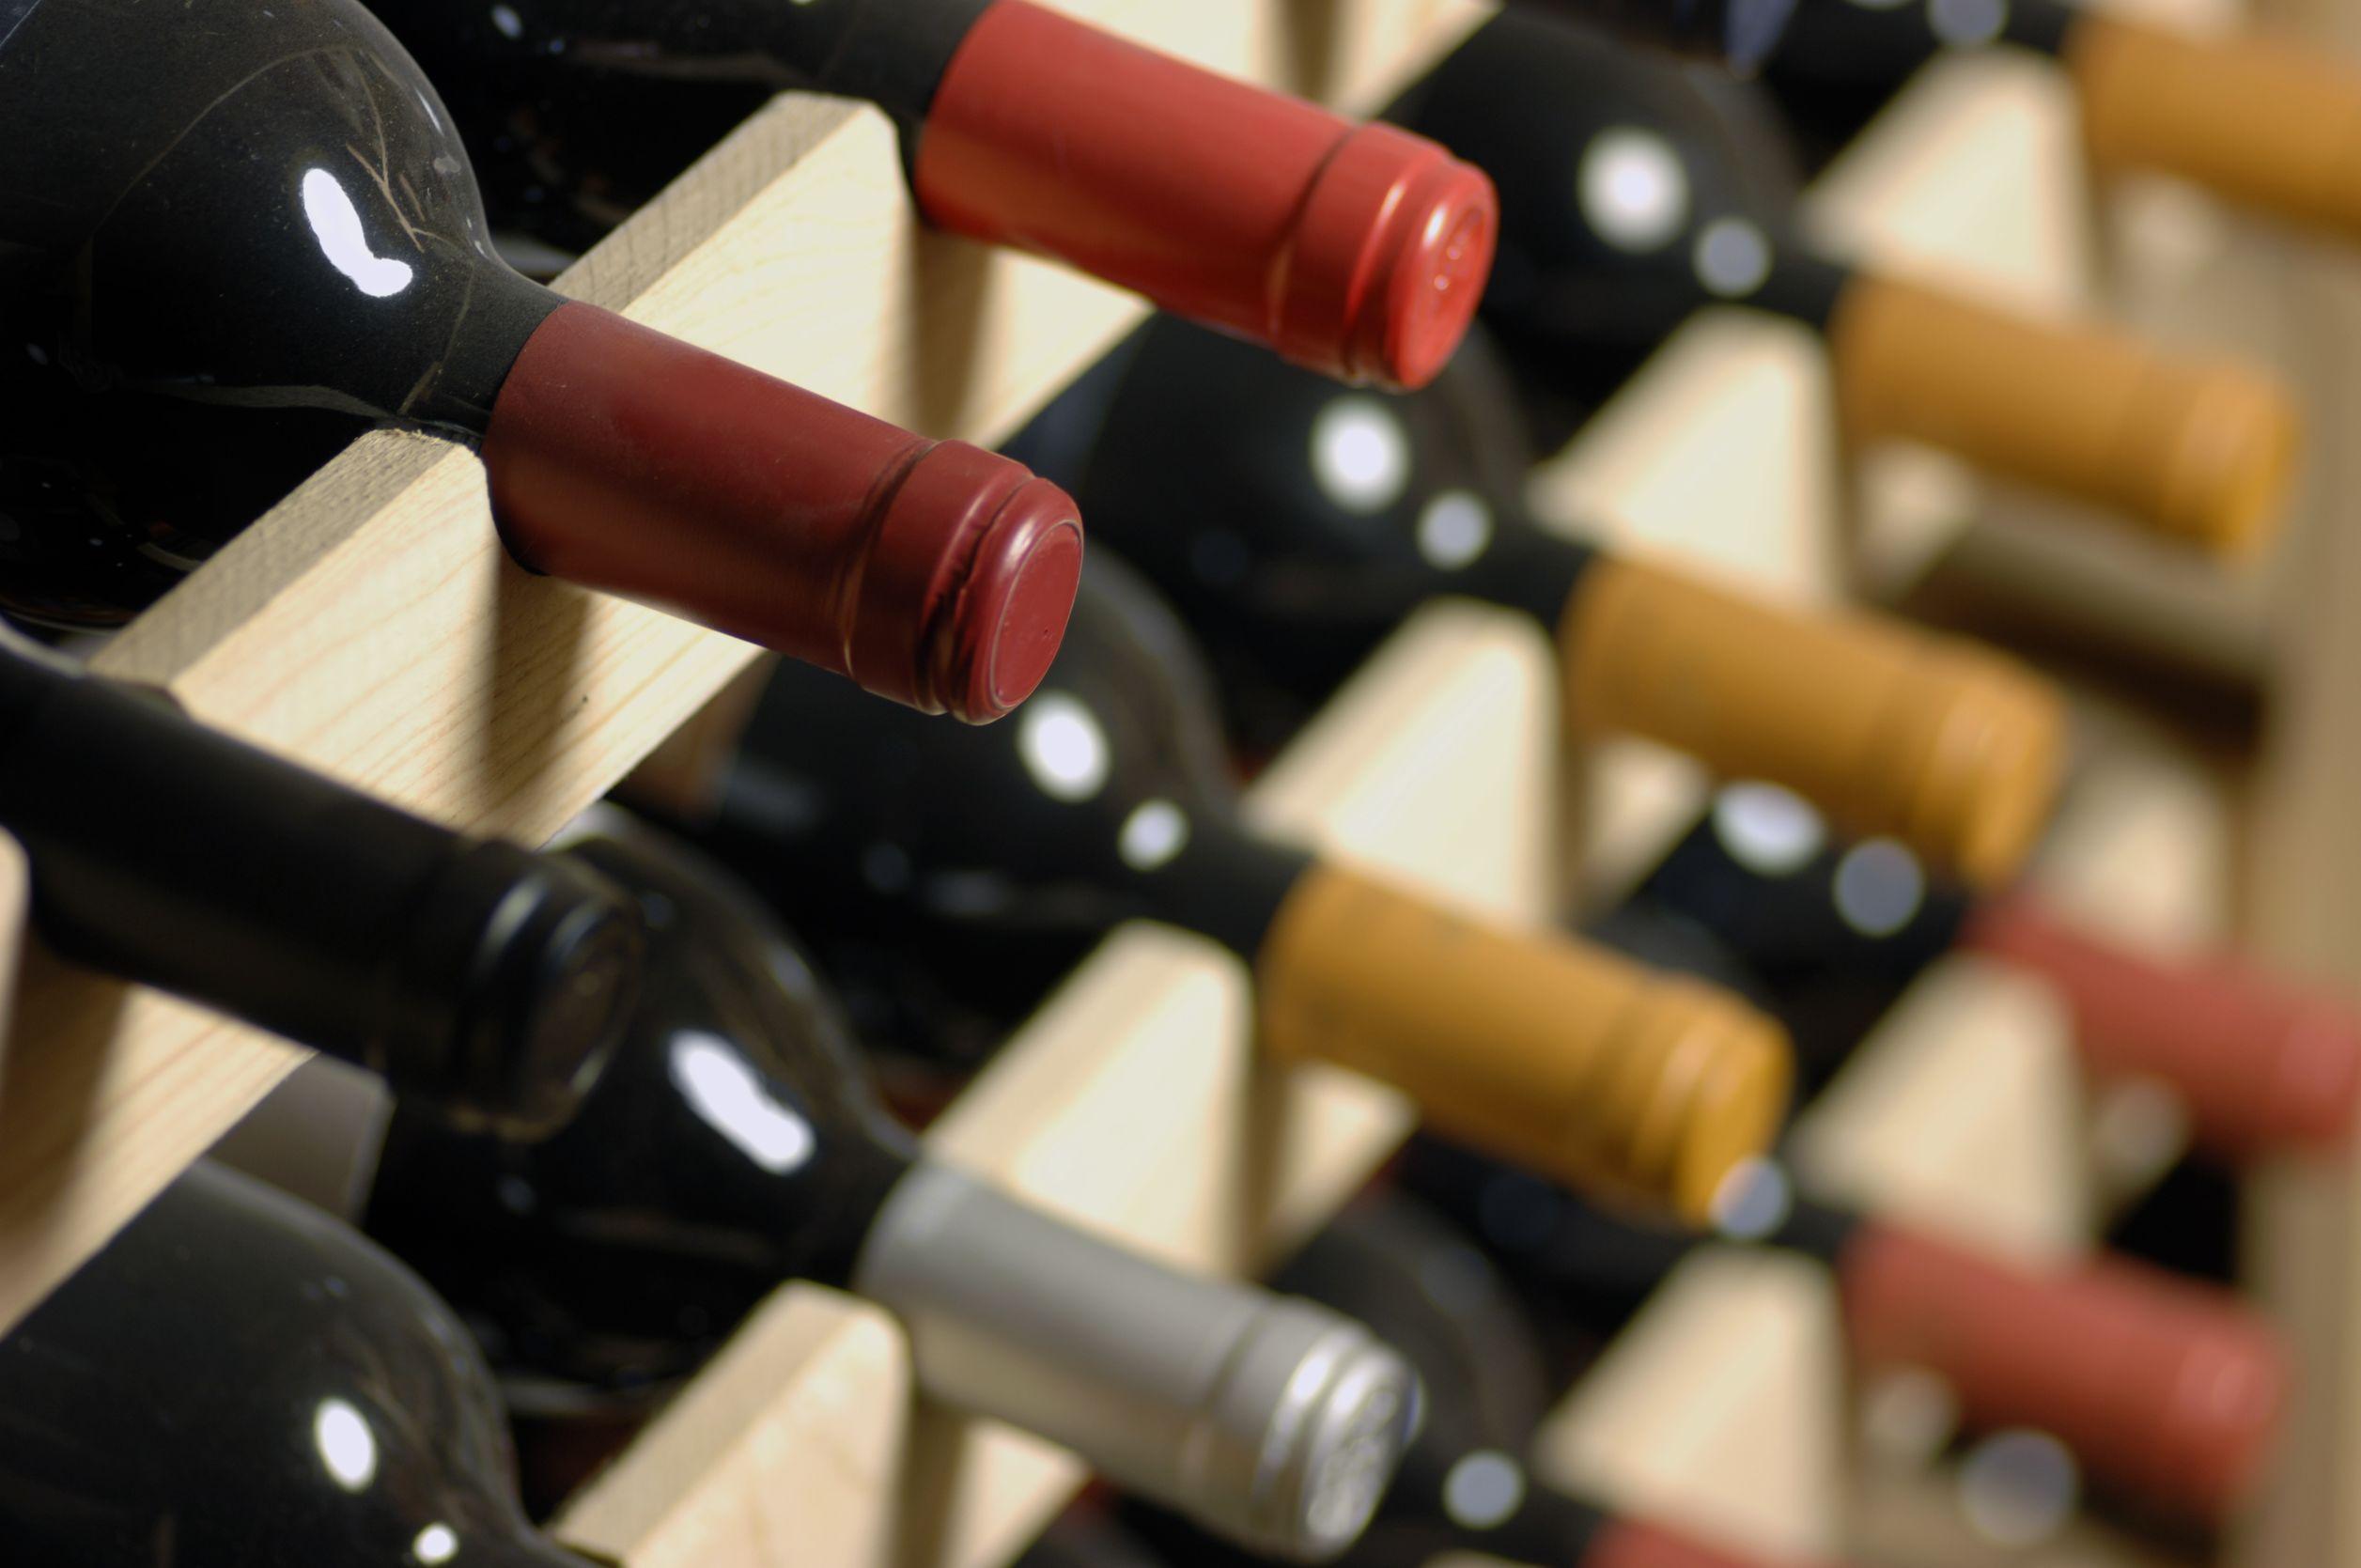 Weinschrank: Test & Empfehlungen (01/20)